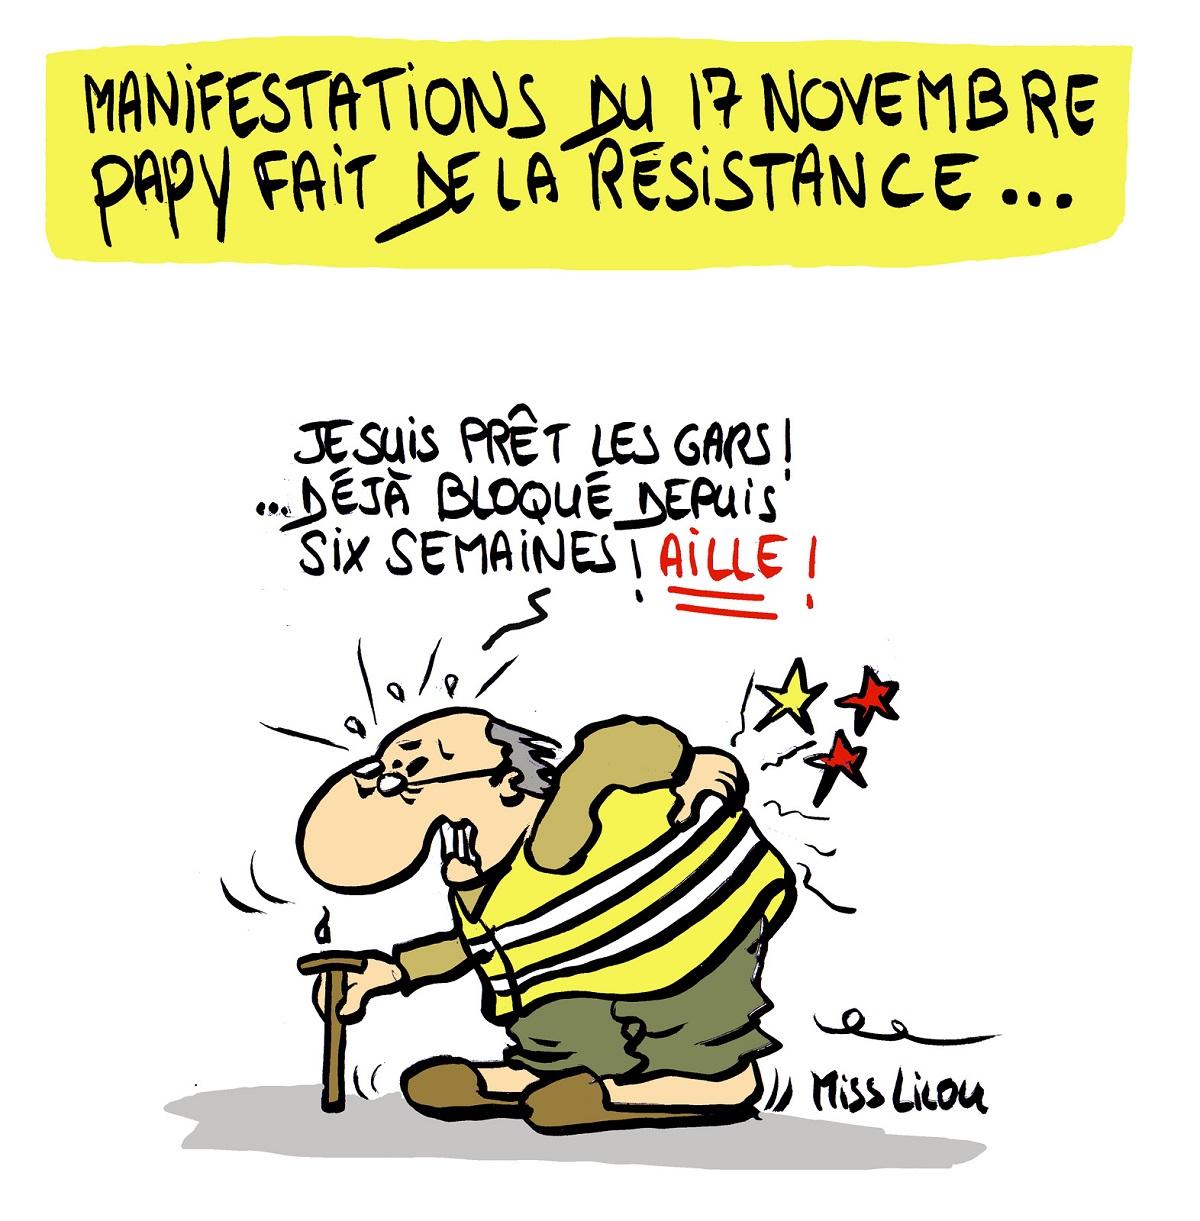 dessin d'actualité humoristique sur le mouvement des gilets jaunes du 17 novembre